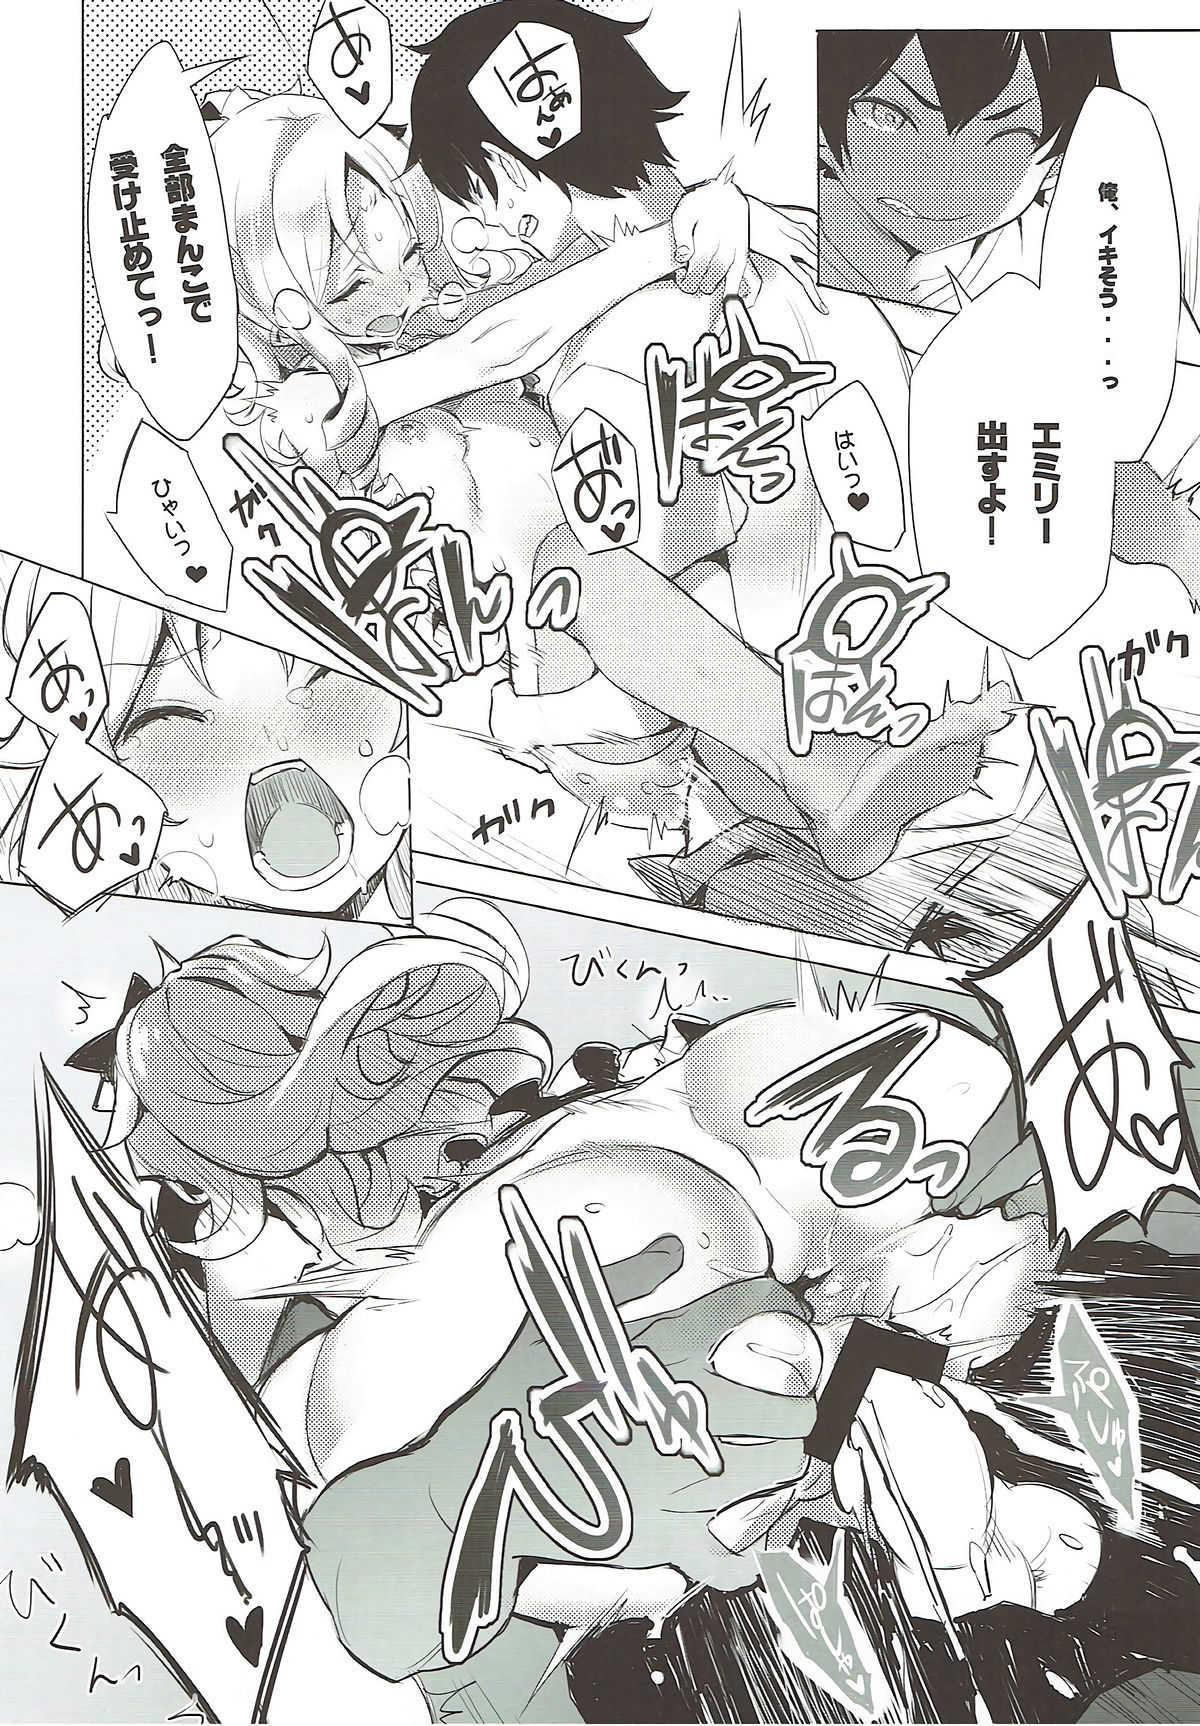 【エロ同人誌】エルフ先生とトイレでいちゃラブアナルセックスwww【エロマンガ先生/C92】